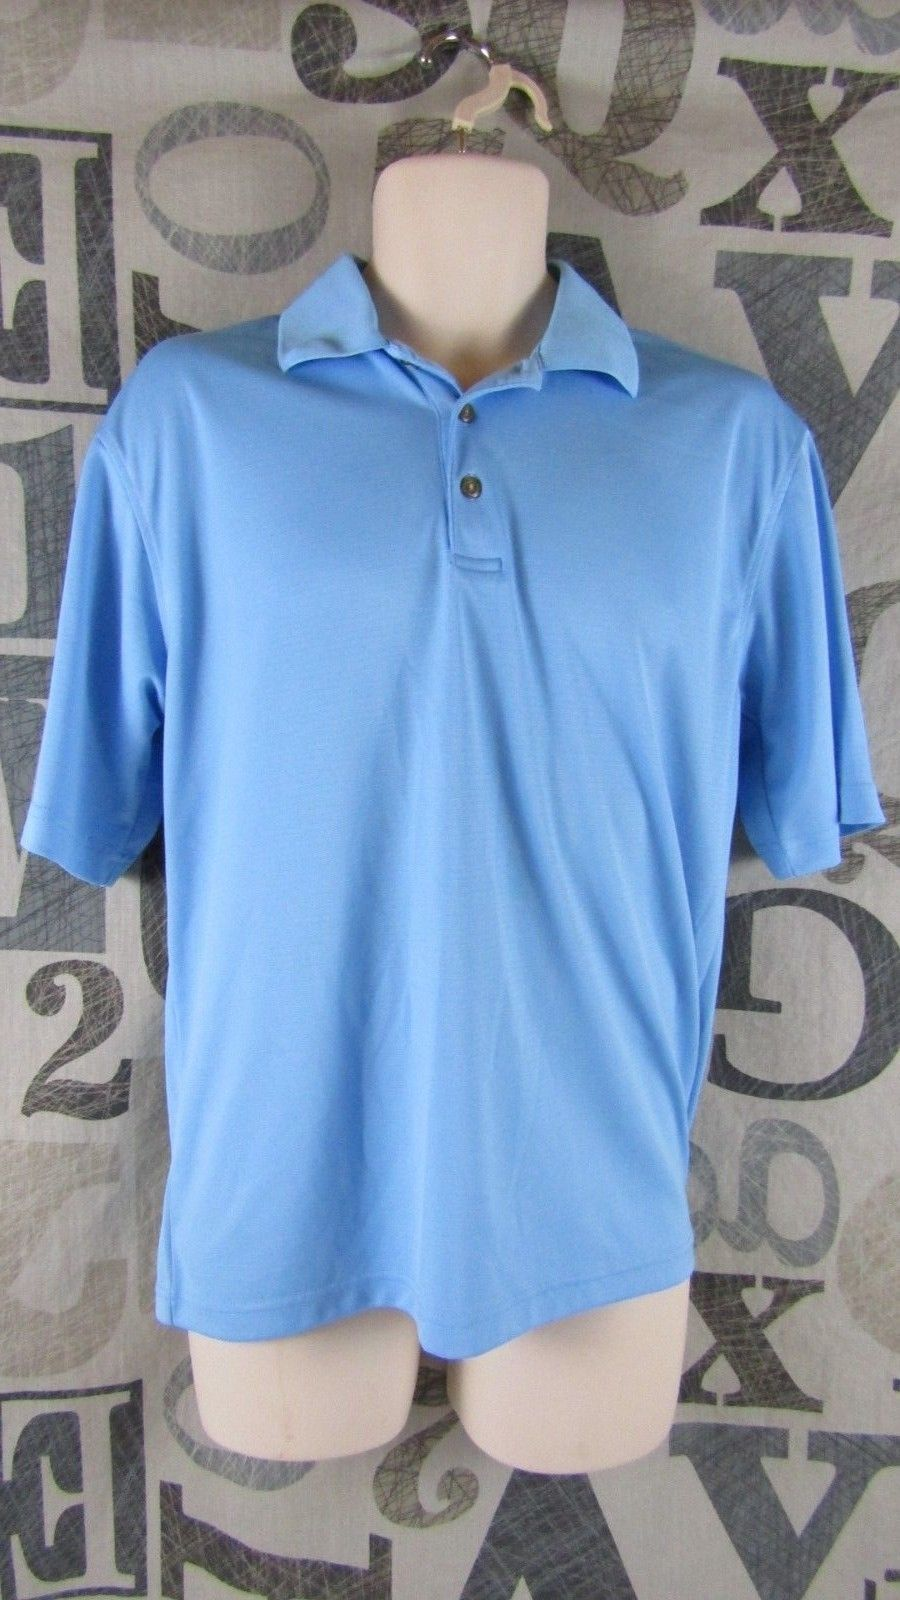 1aef29d77 Pebble Beach Performance Golf Polo Shirt Sky and 50 similar items